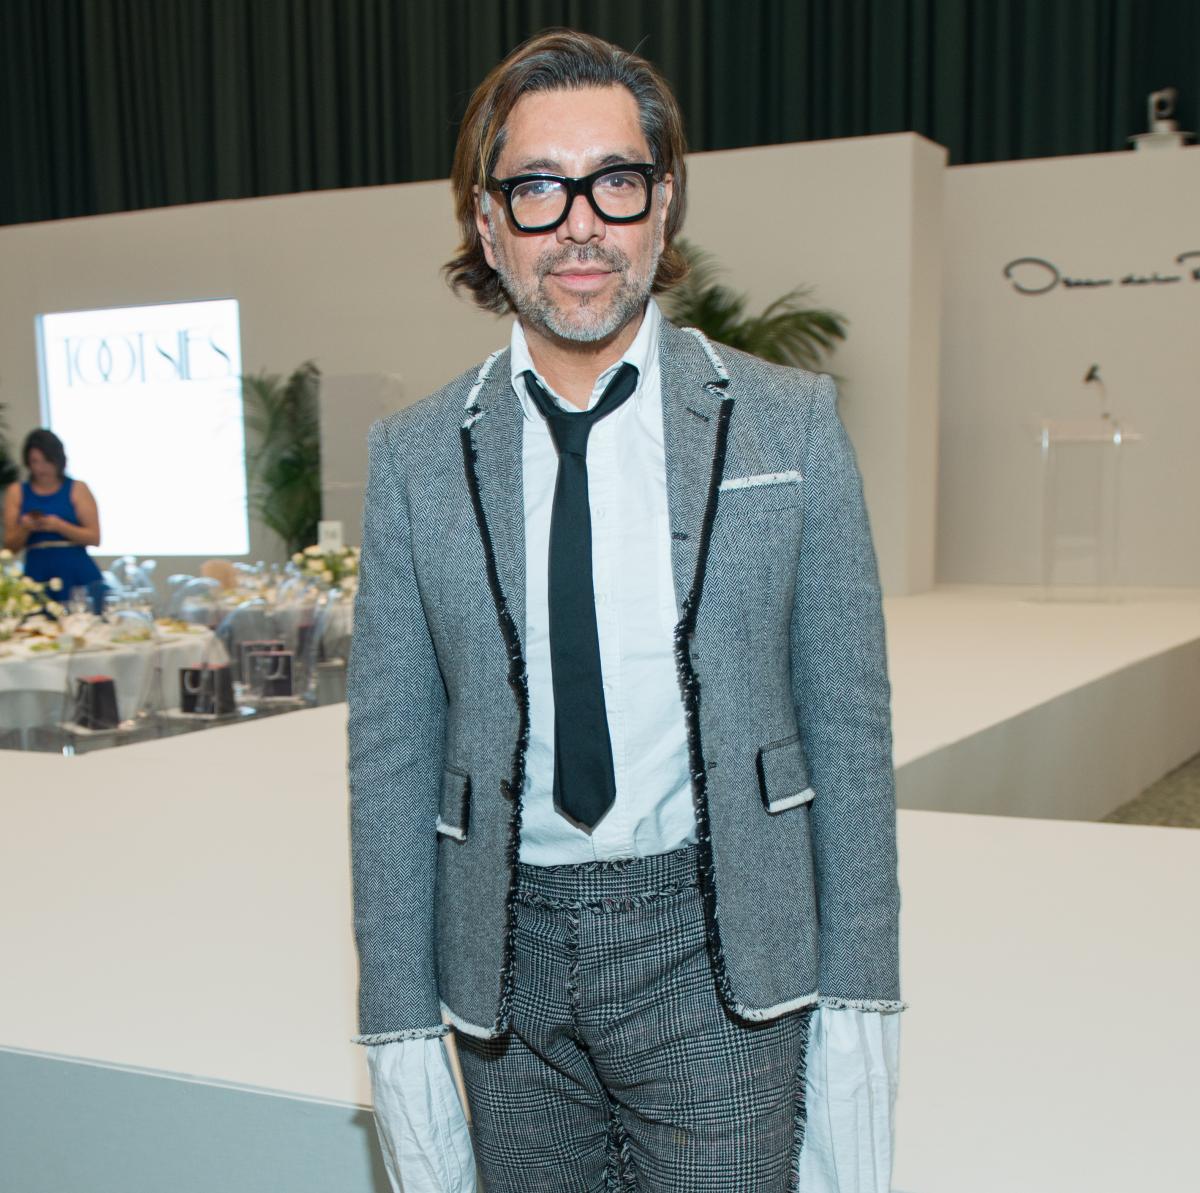 Ceron at Oscar de la Renta fashion show at MFAH